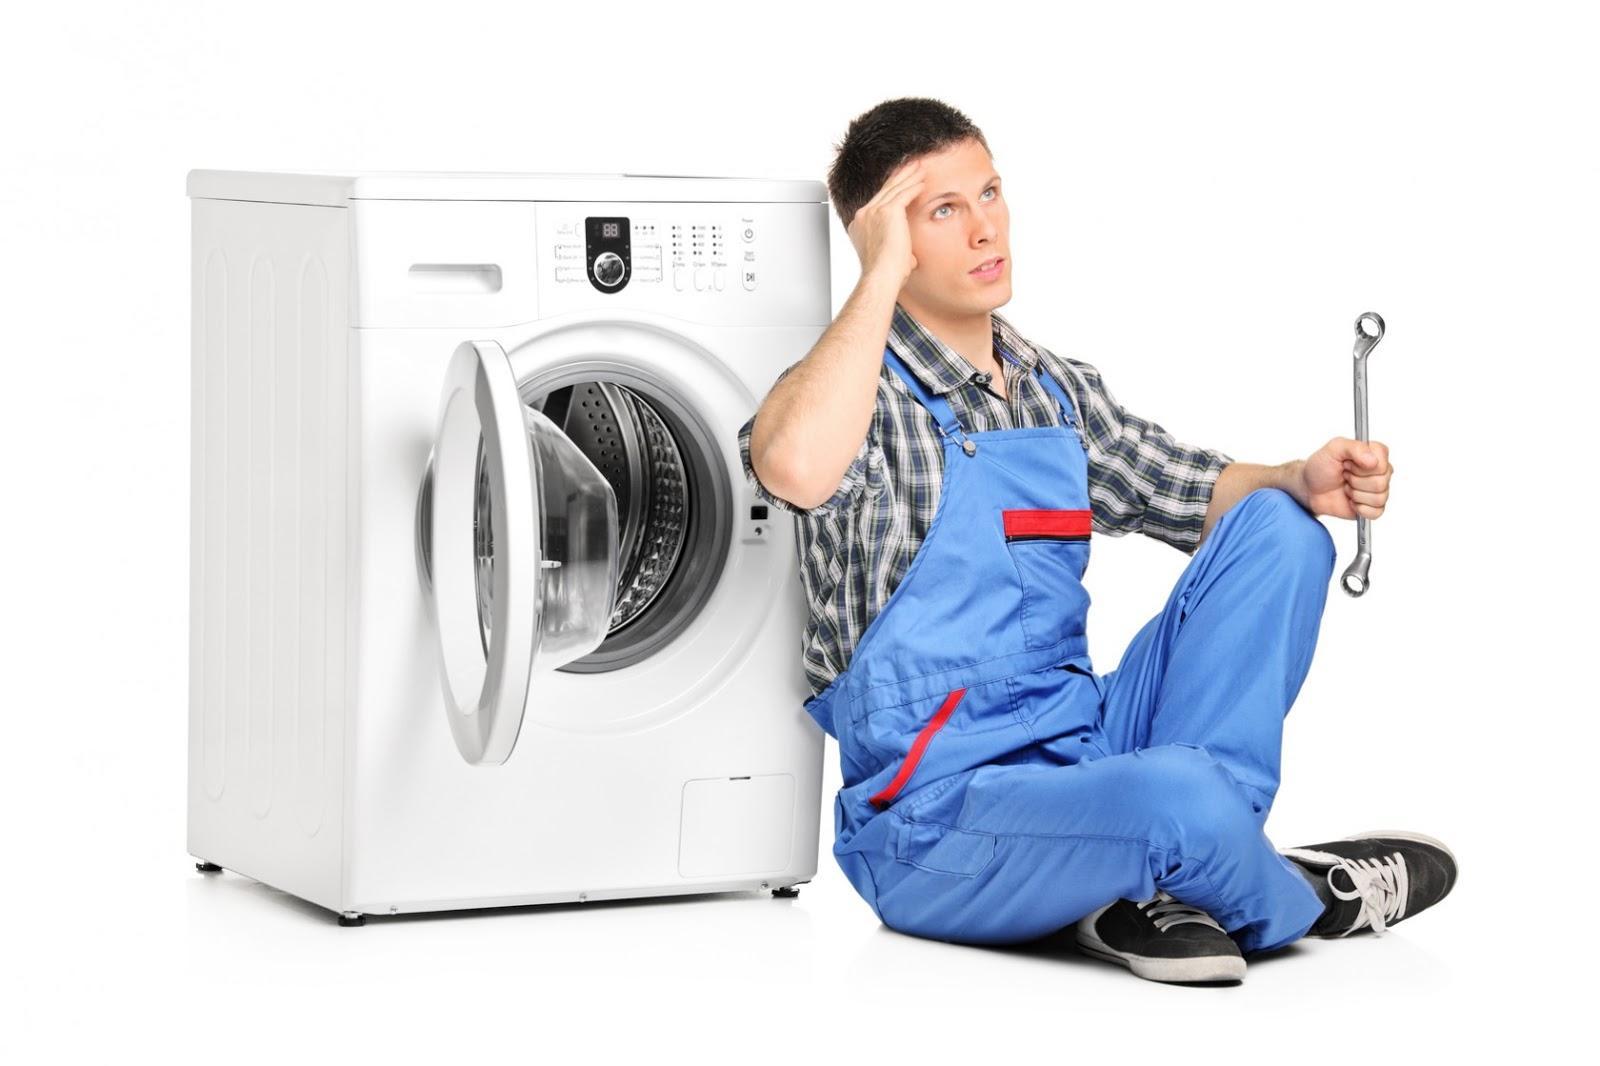 Những lỗi cơ bản thường gặp khi sử dụng máy giặt